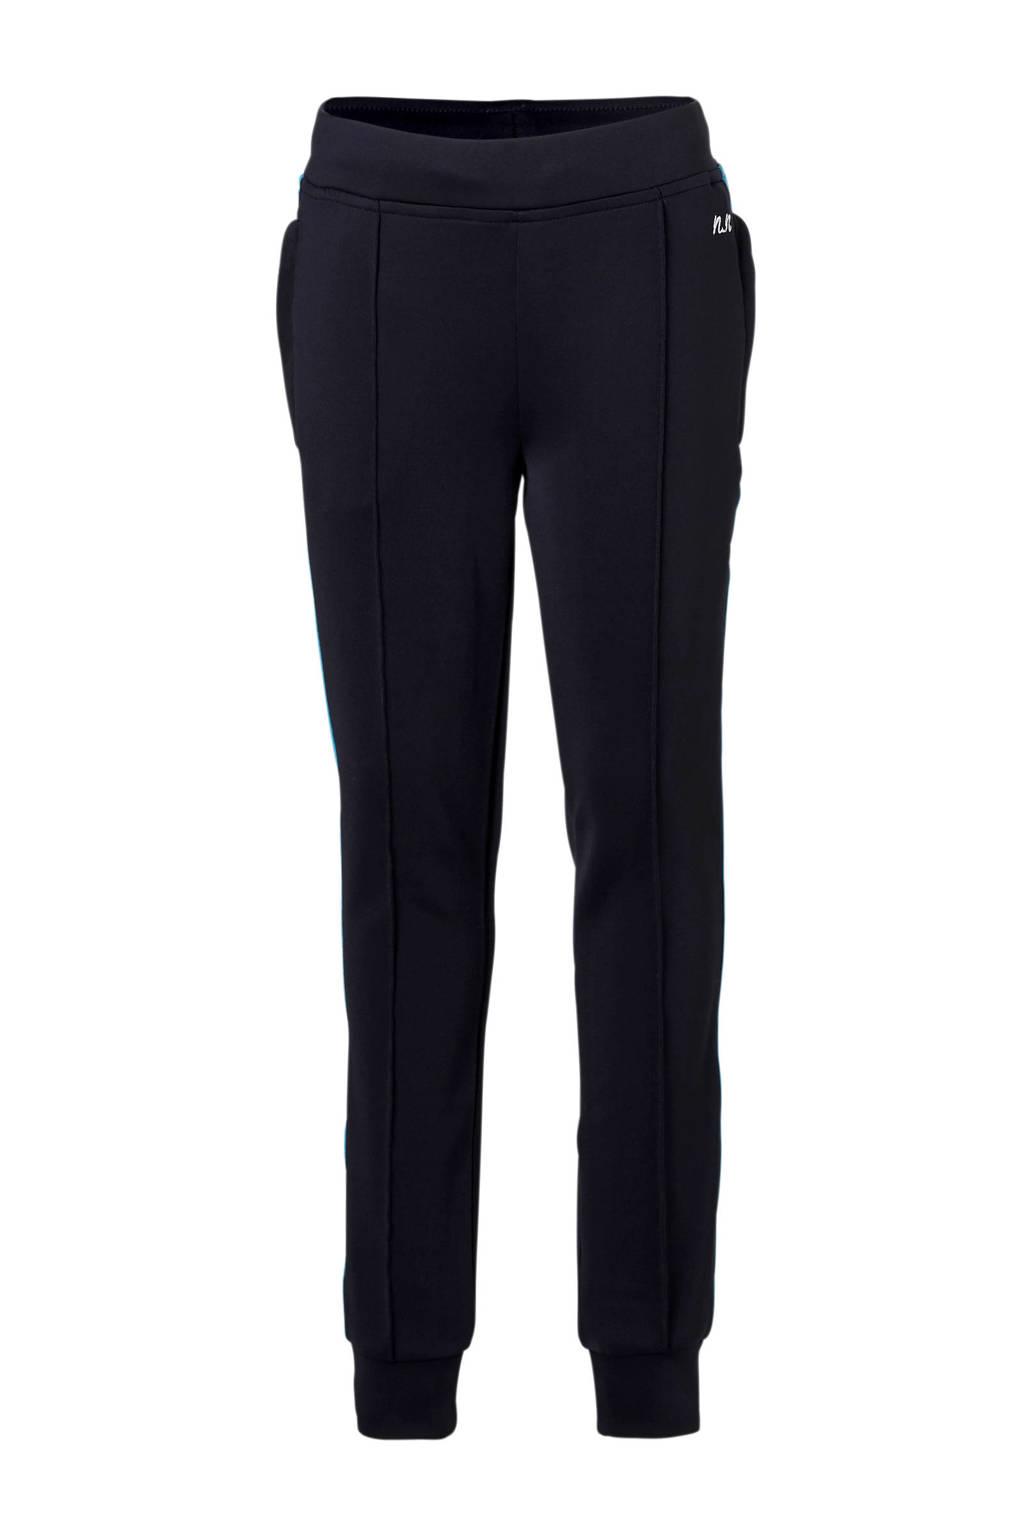 NIK&NIK broek met zijstreep donkerblauw, Donkerblauw/blauw